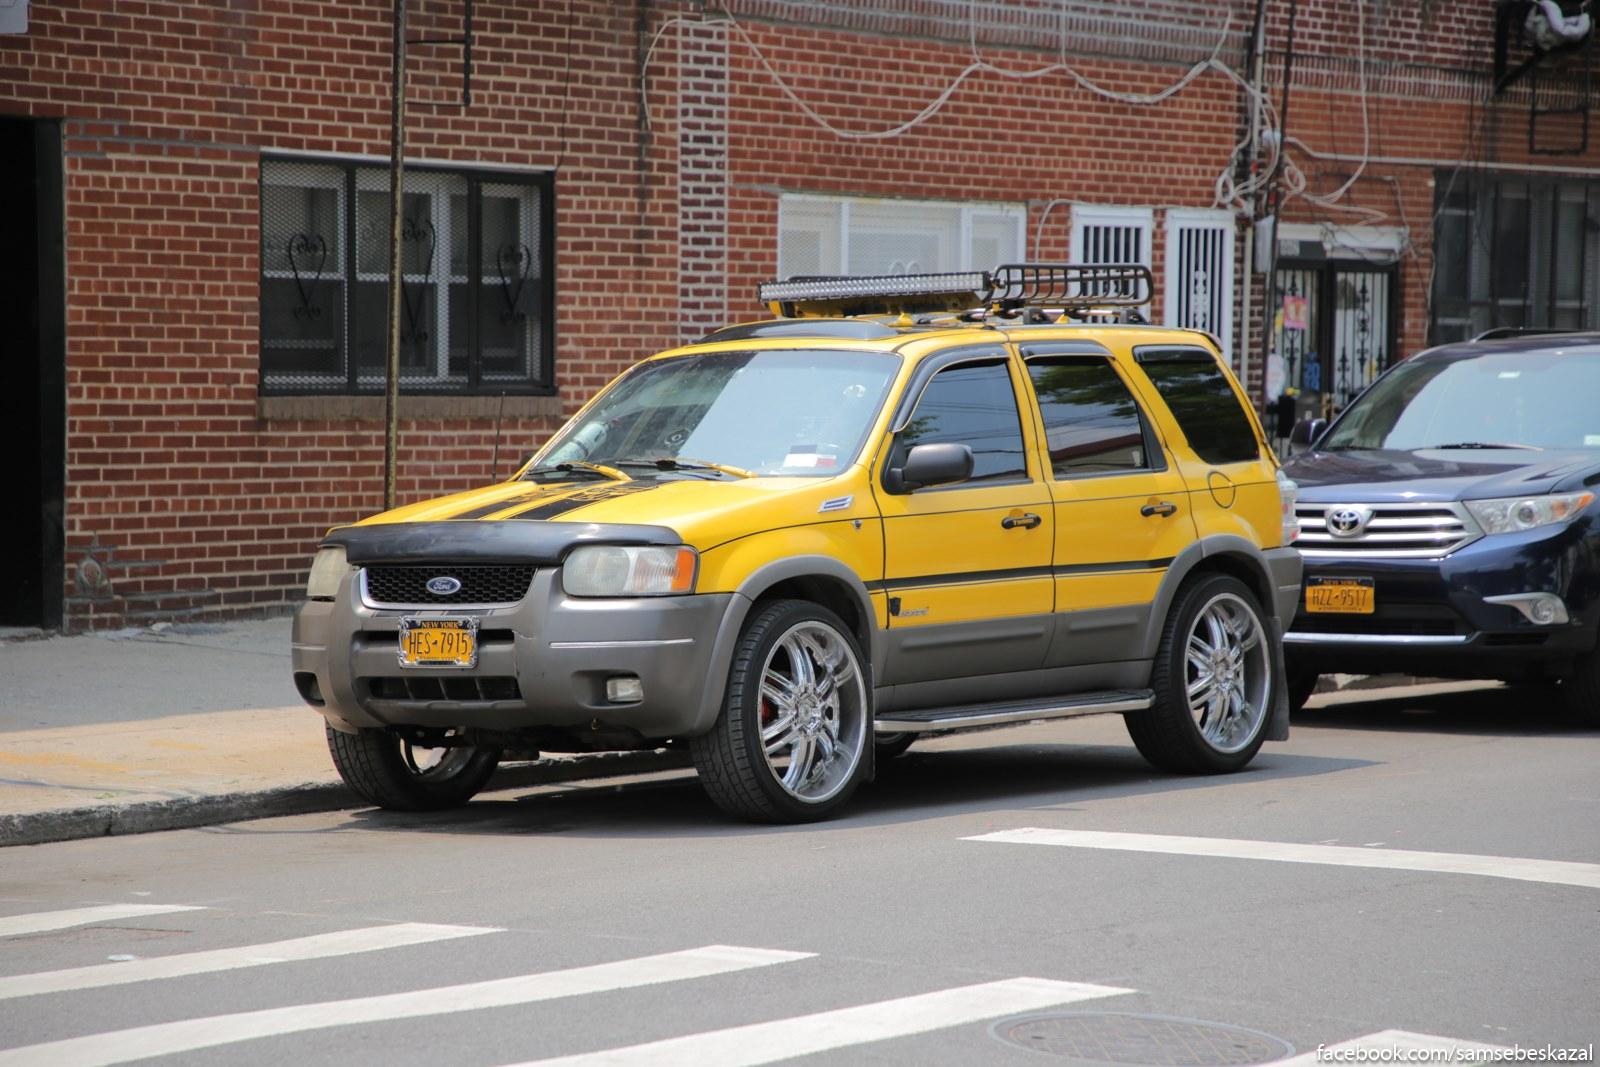 Strannyj vybor avto dla prokacki. Takim tolʹko latinoamerikancy razvlekautsa. Bronks.